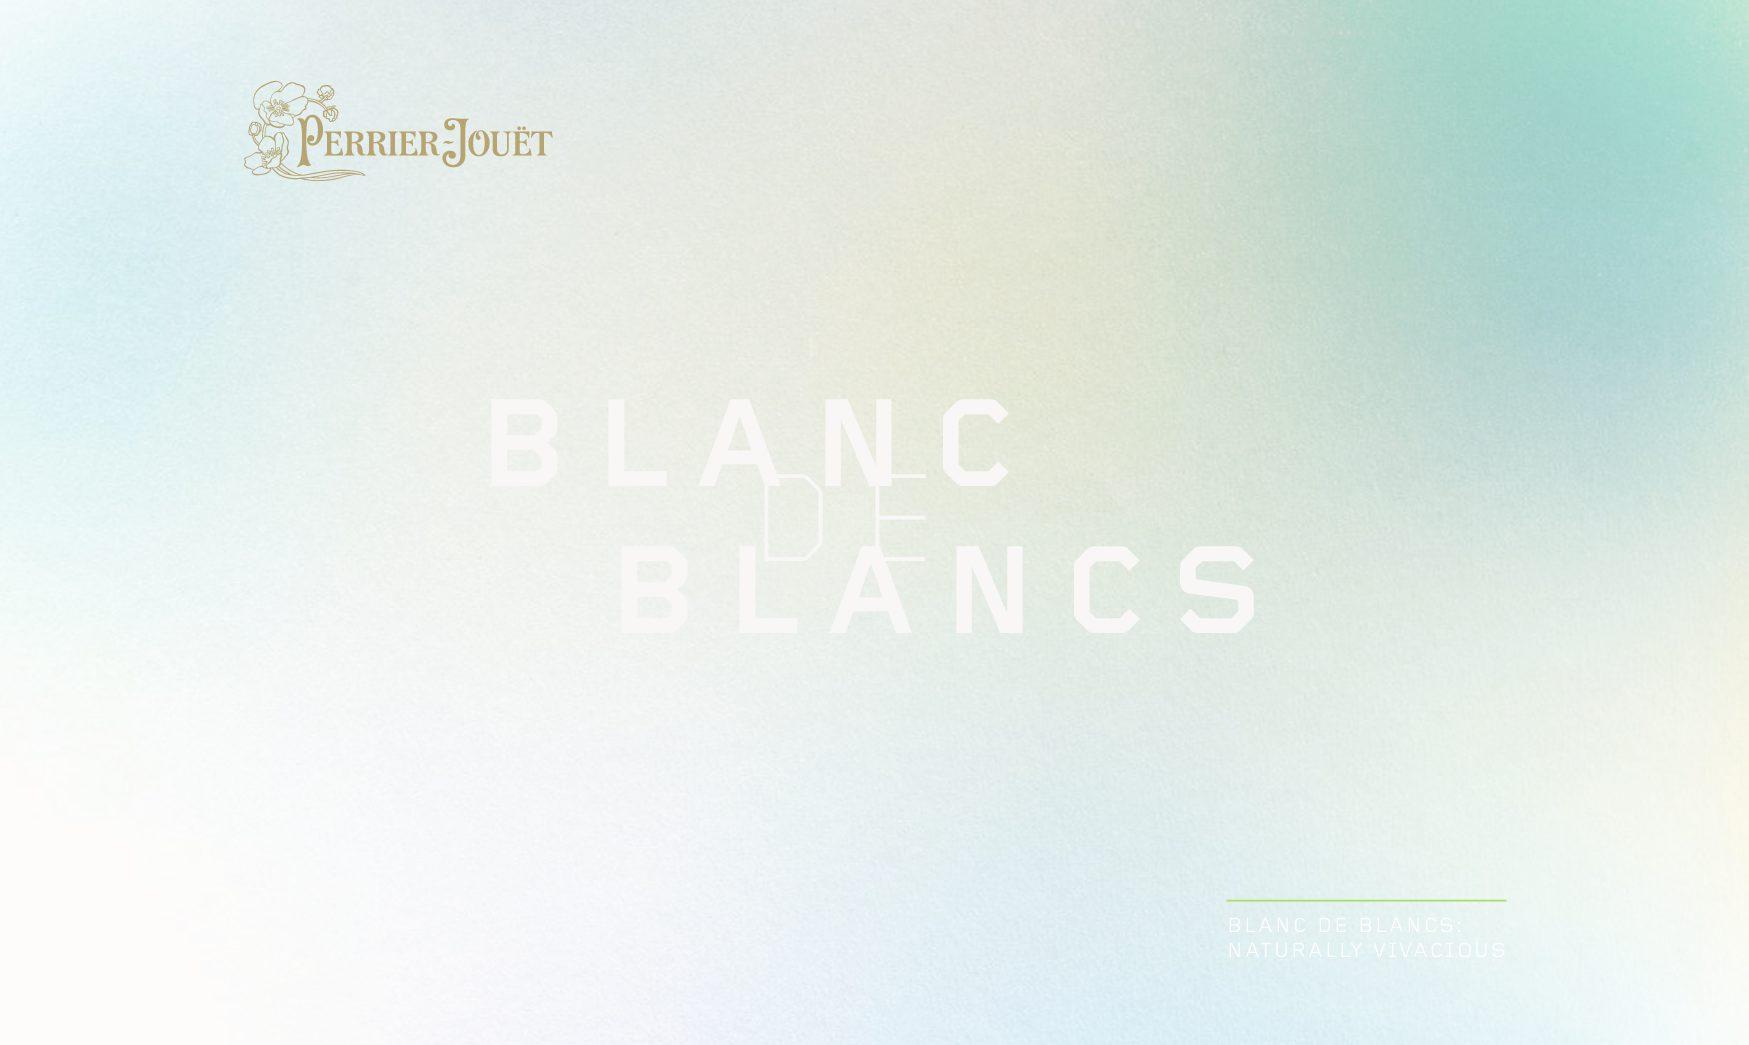 Press Release Perrier-Jouët Blanc de Blancs